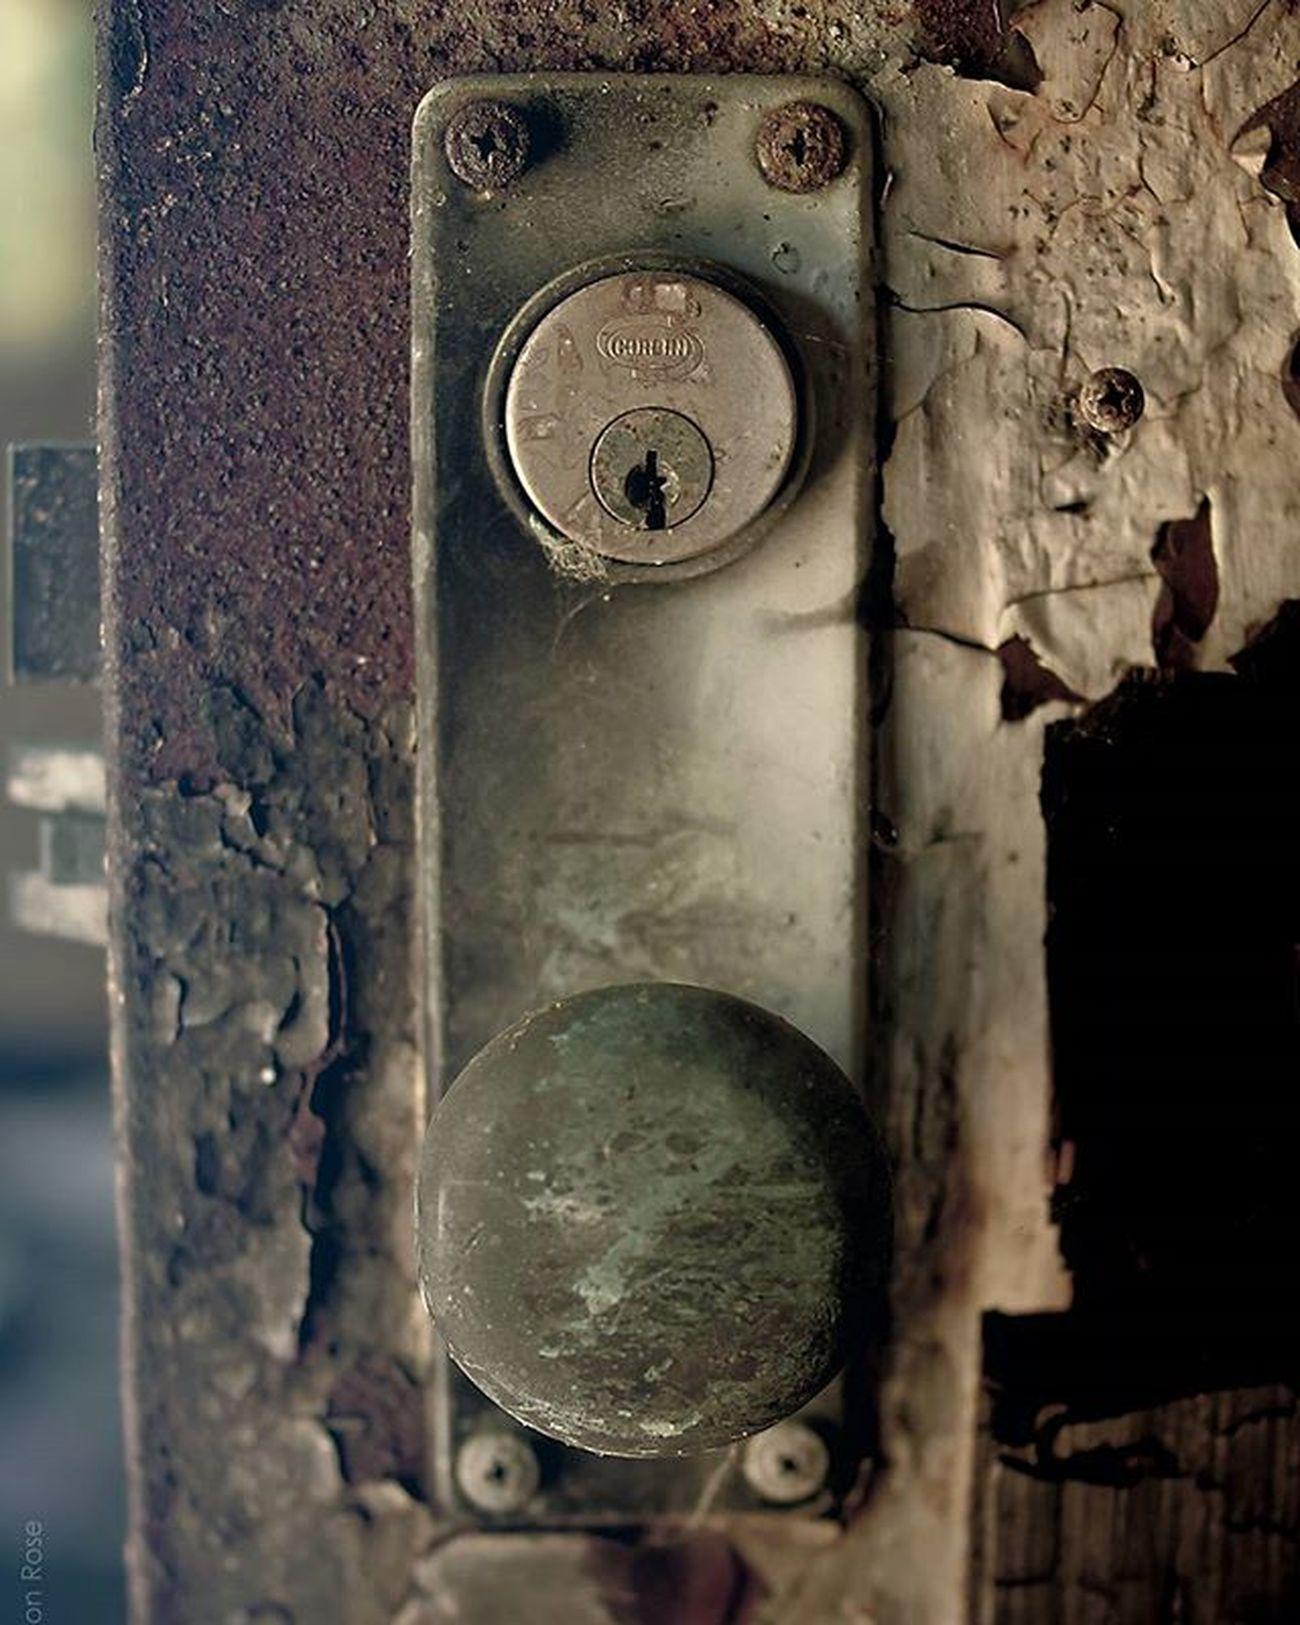 ©Greyson Rose Photography Phillyphotographer Sonyalpha Sonyphotography Sony Dslrphotography Follow Followme Greysonrosephotography 35mm Urbanexploration Urbanexplorer Letchworthvillage Abandoned Abandonedphotography